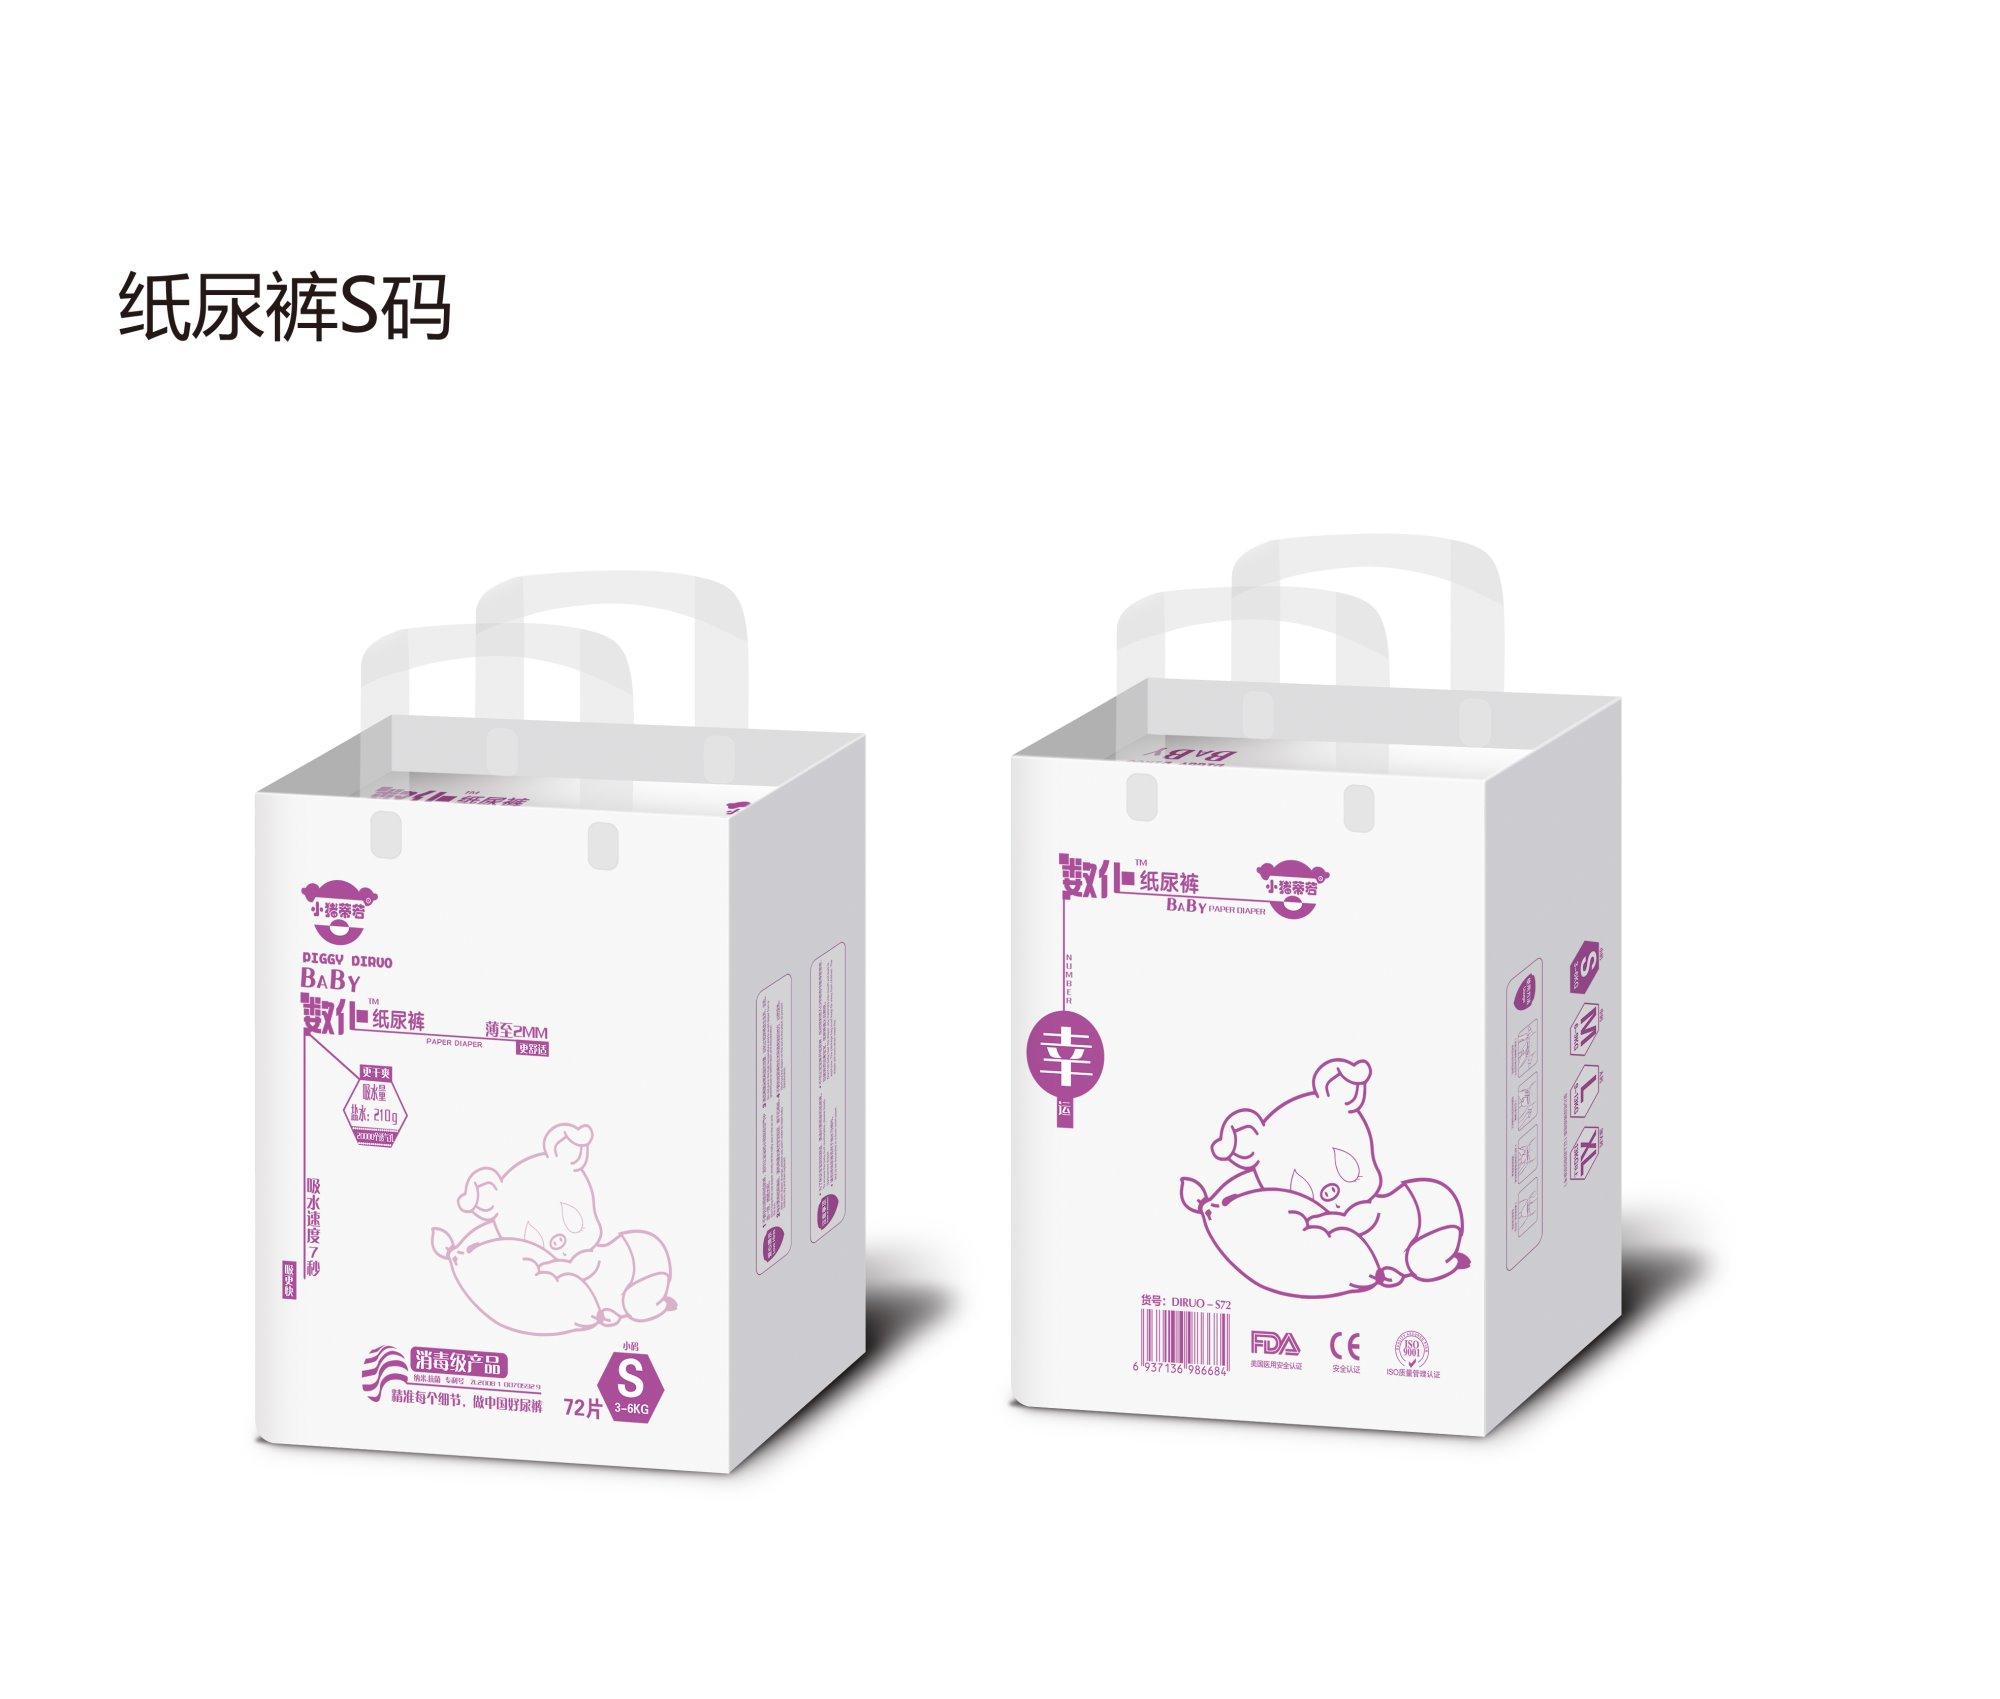 优质的尿不湿品牌推荐 福州哪种尿不湿好用